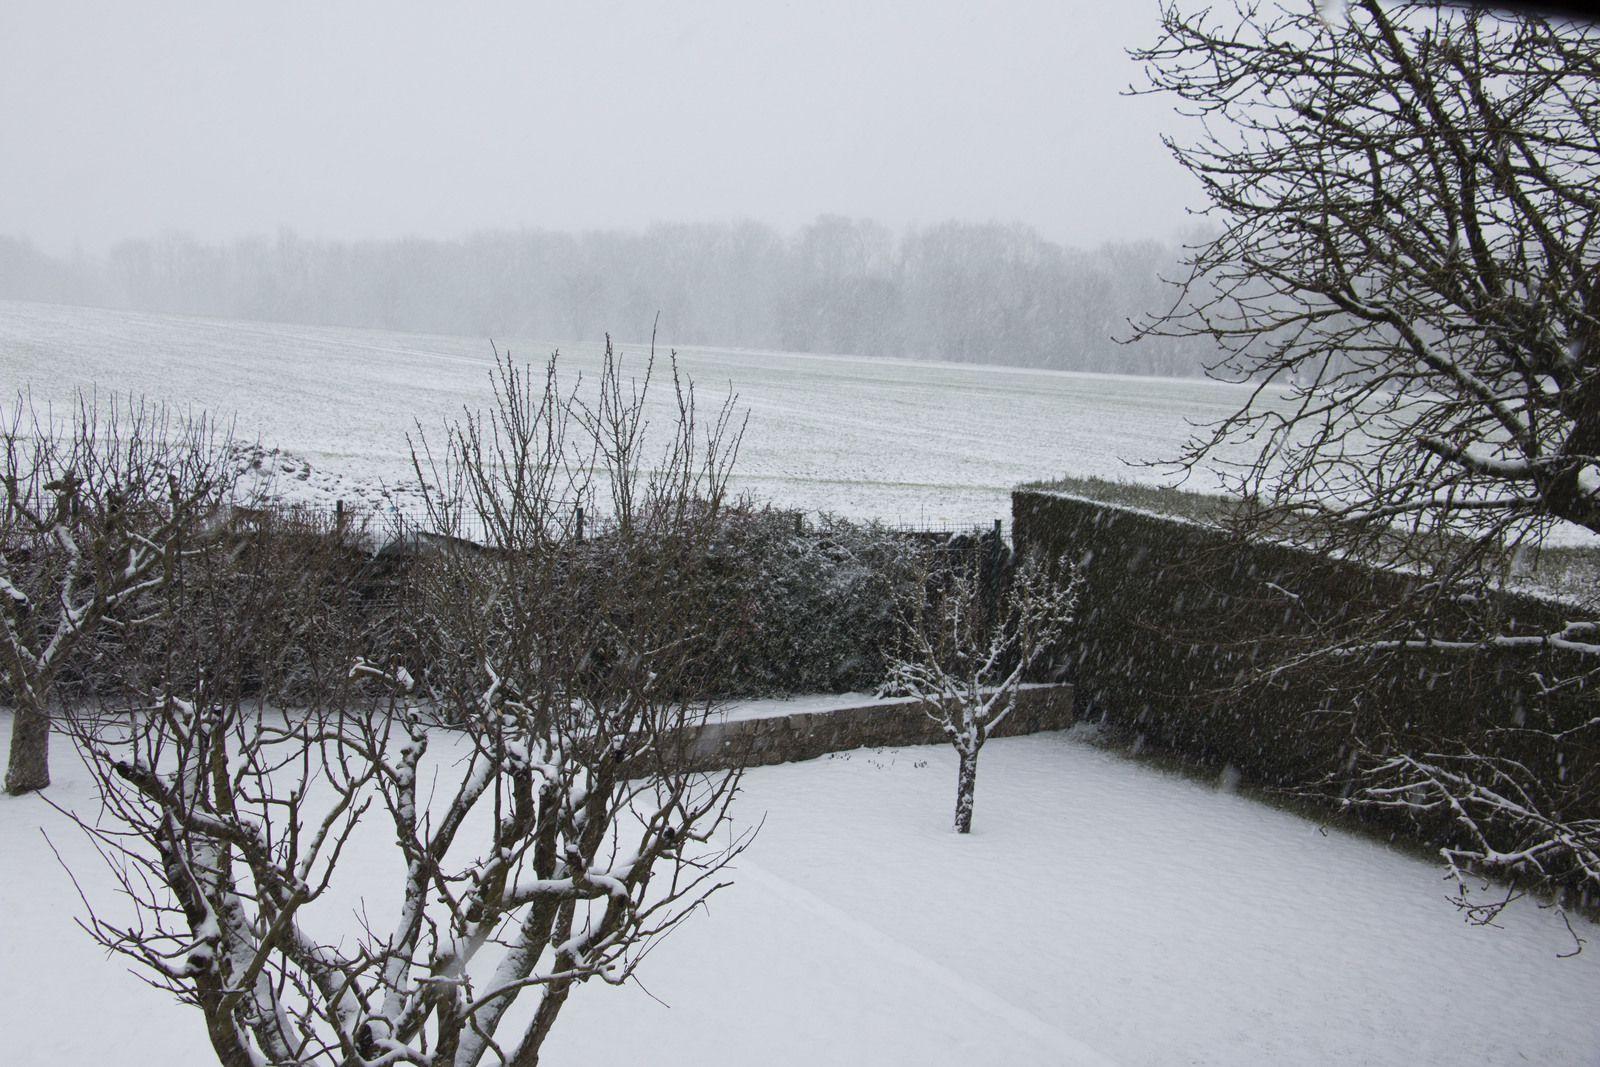 La neige arrive enfin...